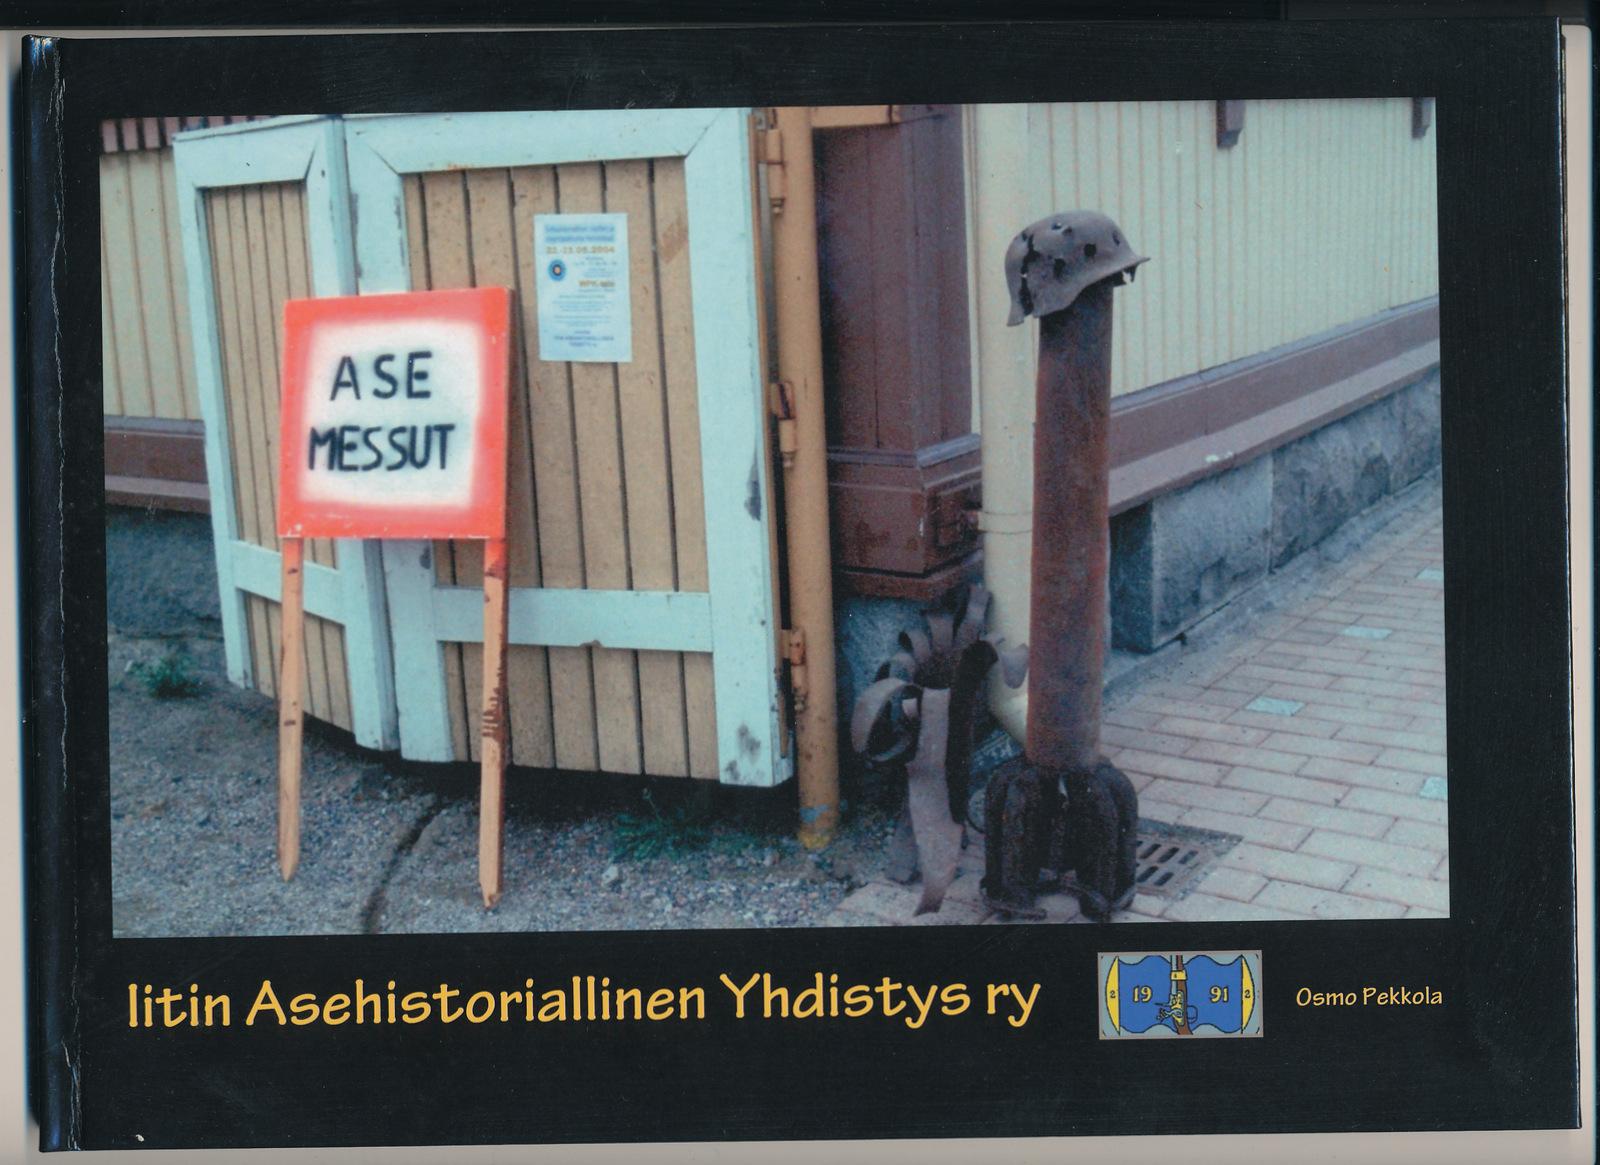 Myymälä - Iitin asehistoriallinen yhdistys ry.